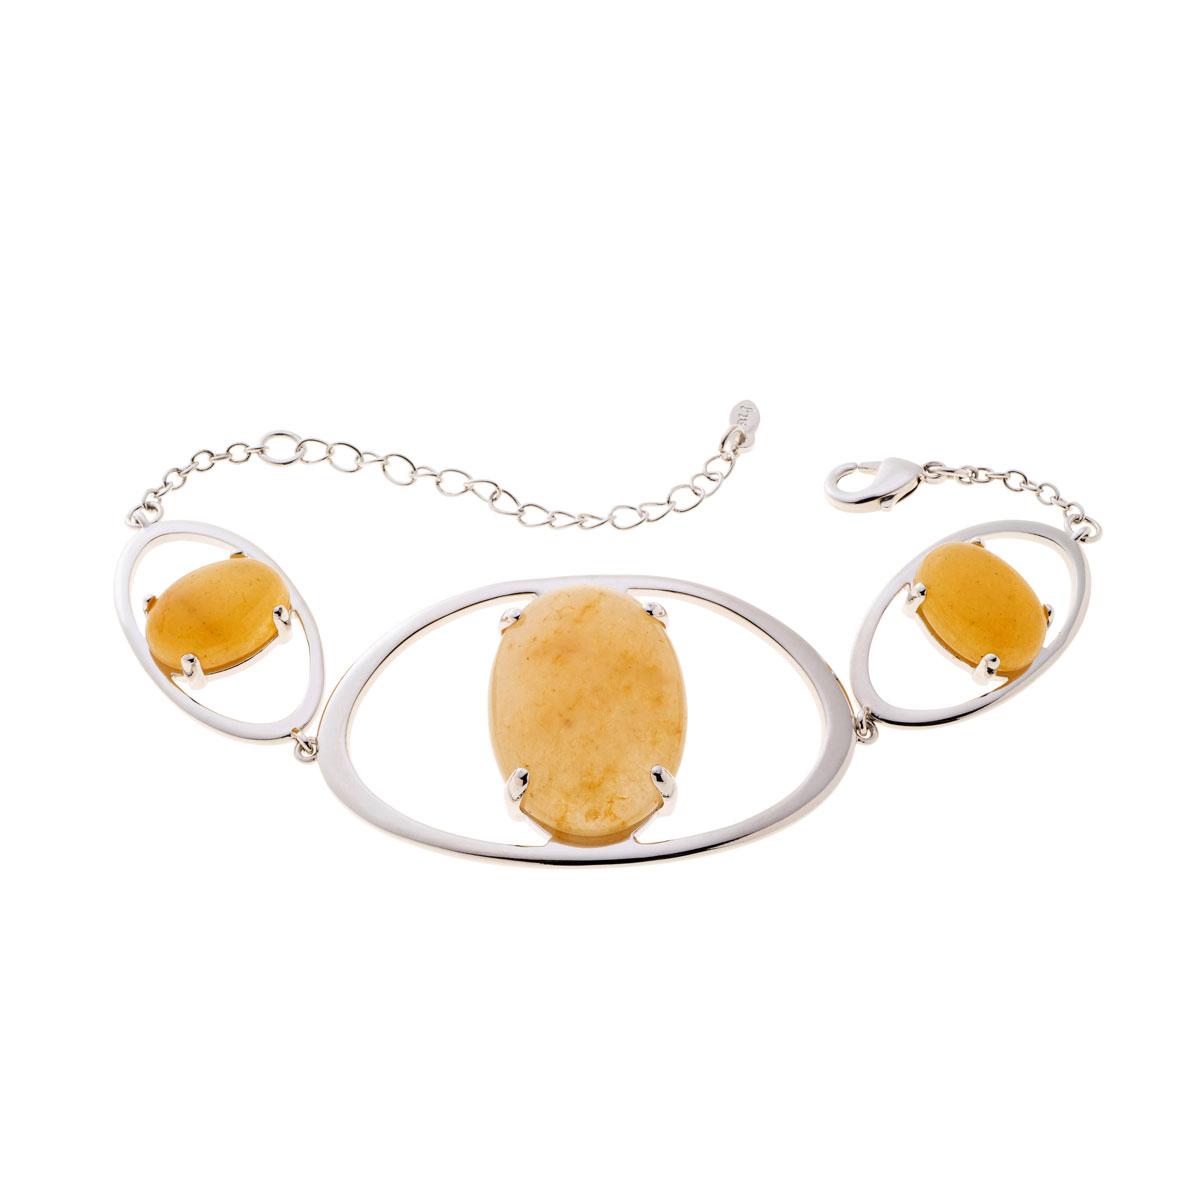 Belleek Living Jewelry Ochre Bracelet